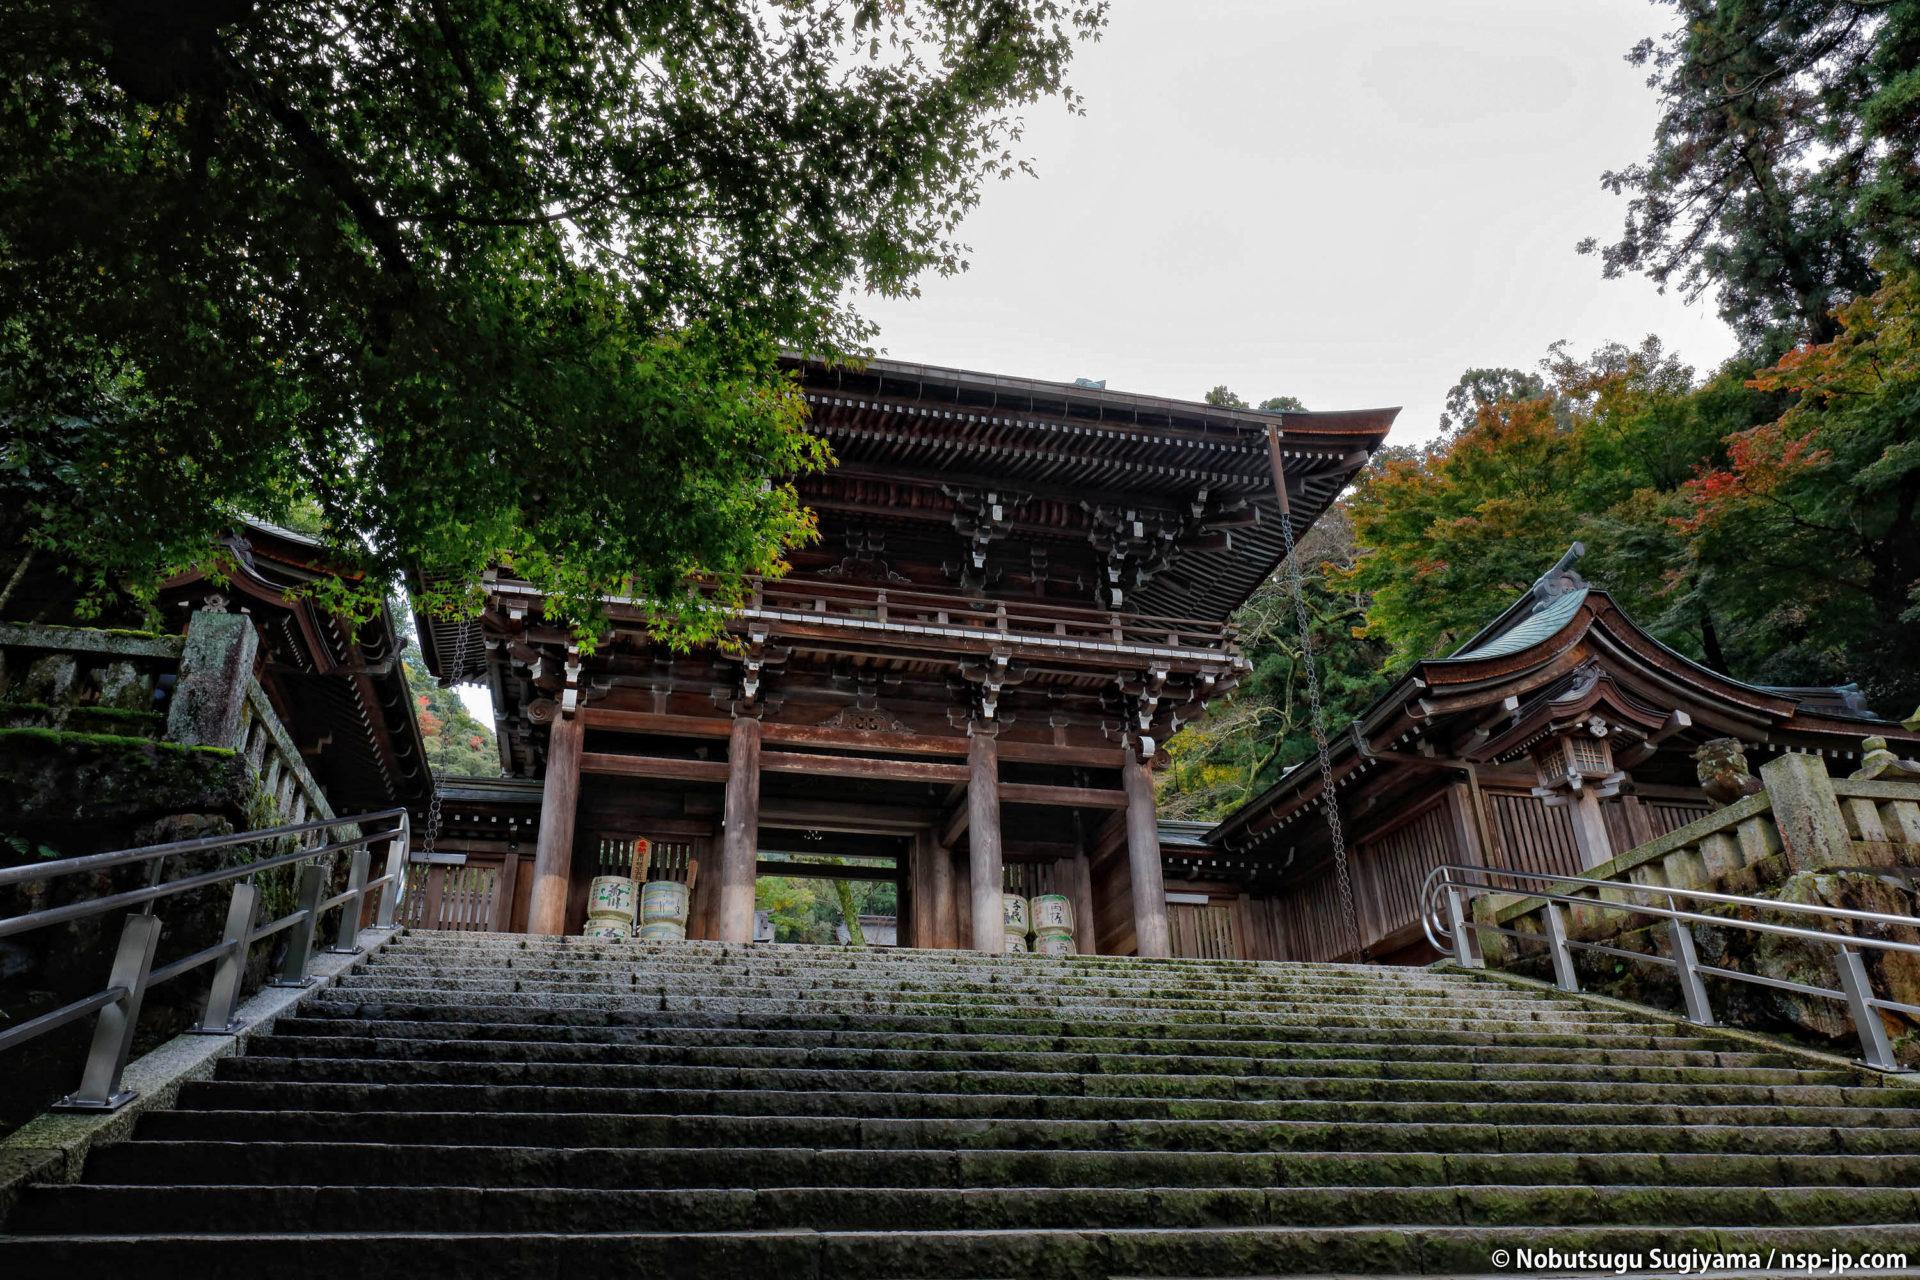 伊奈波神社-石段から楼門を望む | 岐阜 故郷巡礼 by 杉山宣嗣